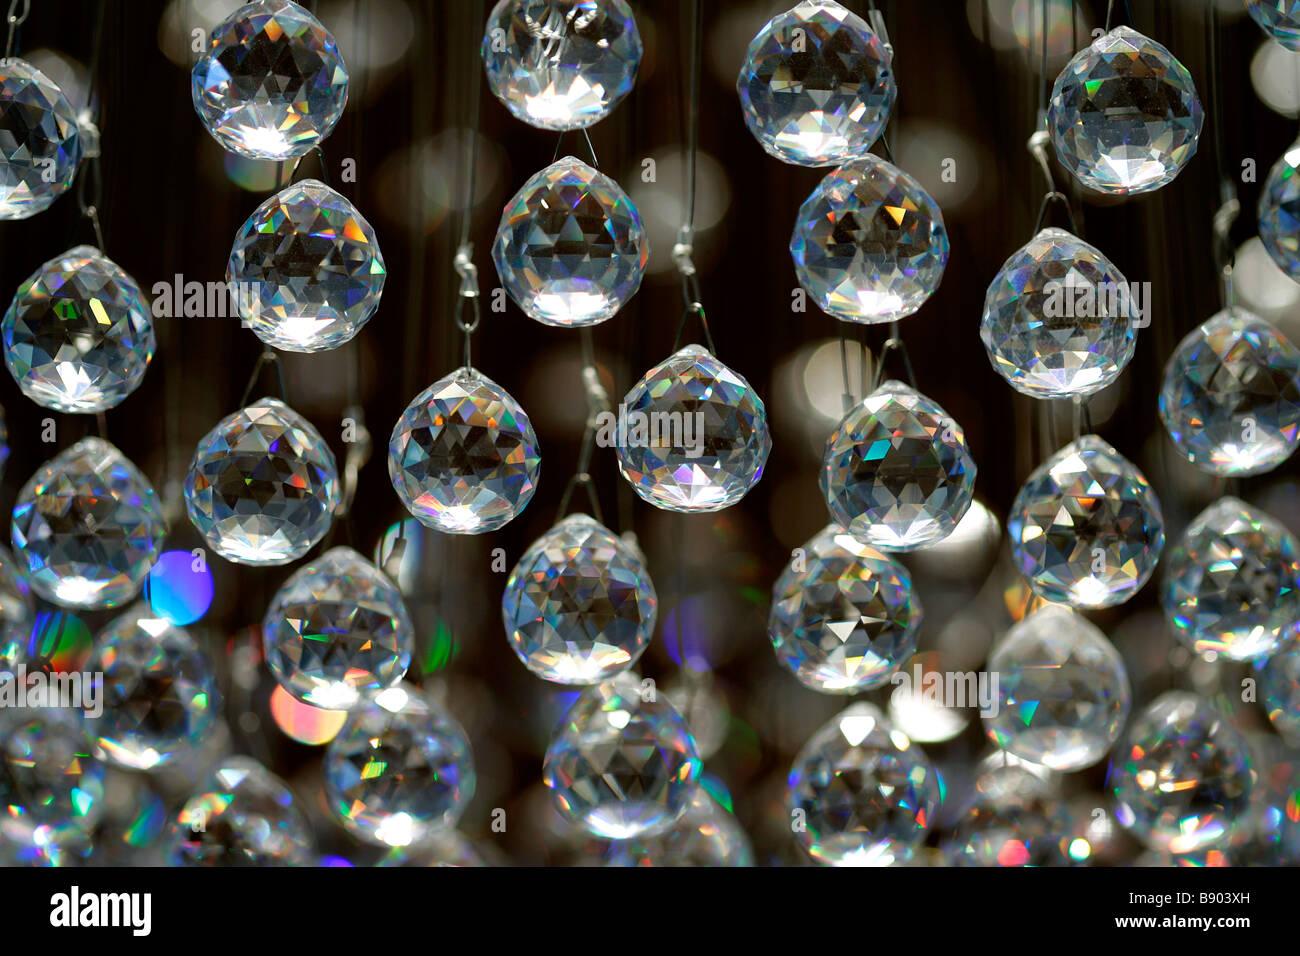 Kronleuchter Glaskugeln ~ Orion kronleuchter milchglas glaskugeln leuchter messing alt wien